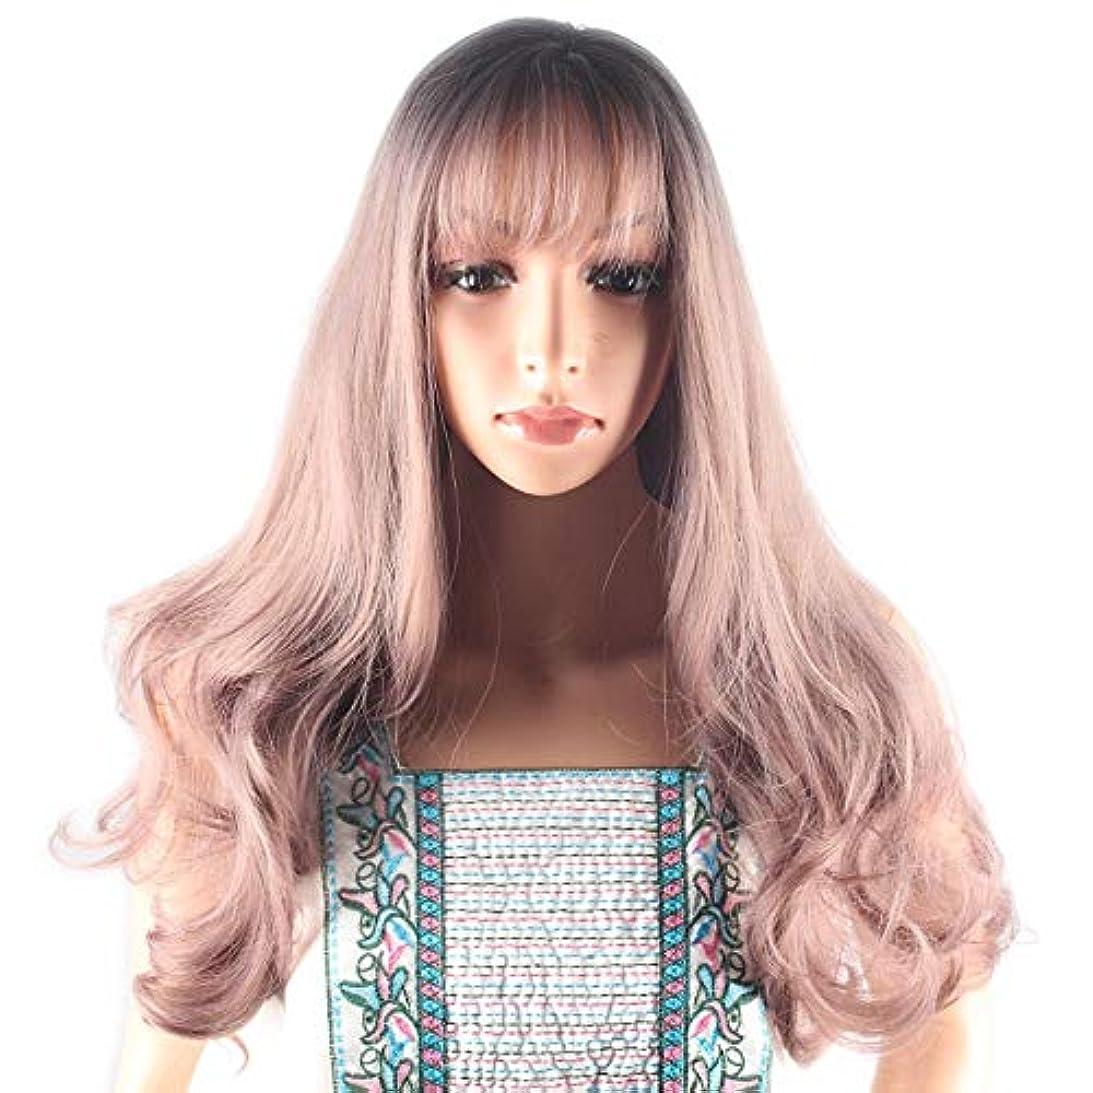 名声振り子ポップHOHYLLYA 淡い紫色のかつら波状の長い巻き毛の前髪付き自然なグラデーションフルヘッド毎日のためのまたはコスプレパーティードレス女性のかつらレースのかつらロールプレイングかつら (色 : Photo Color, サイズ : 65cm)